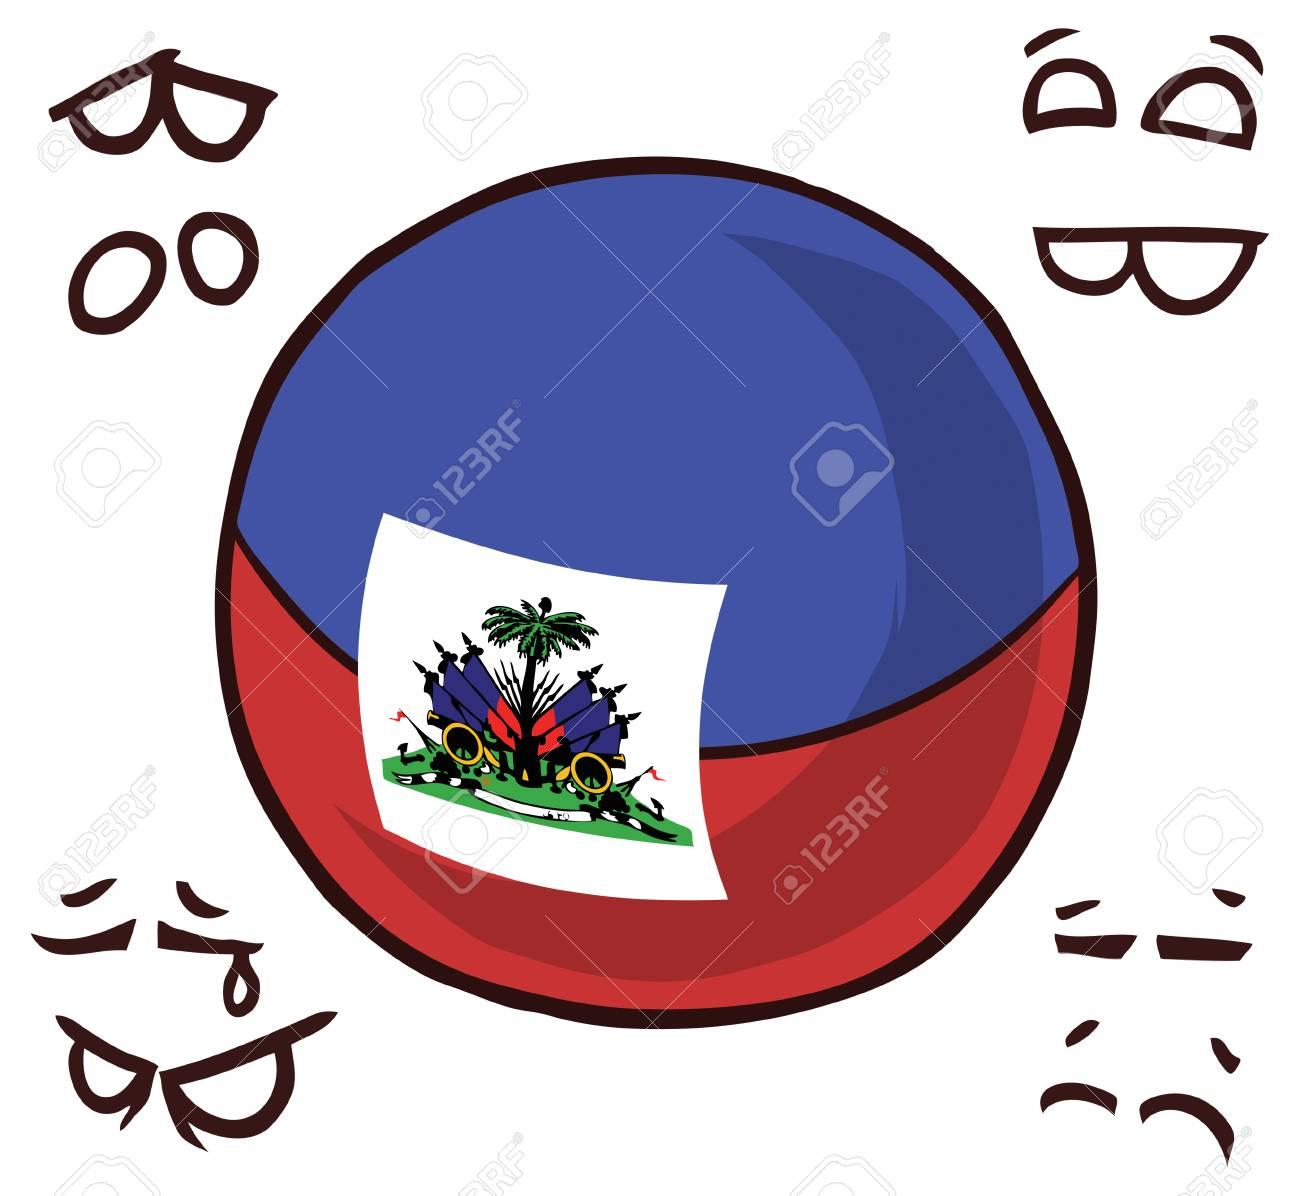 Haiti country ball - 110447507